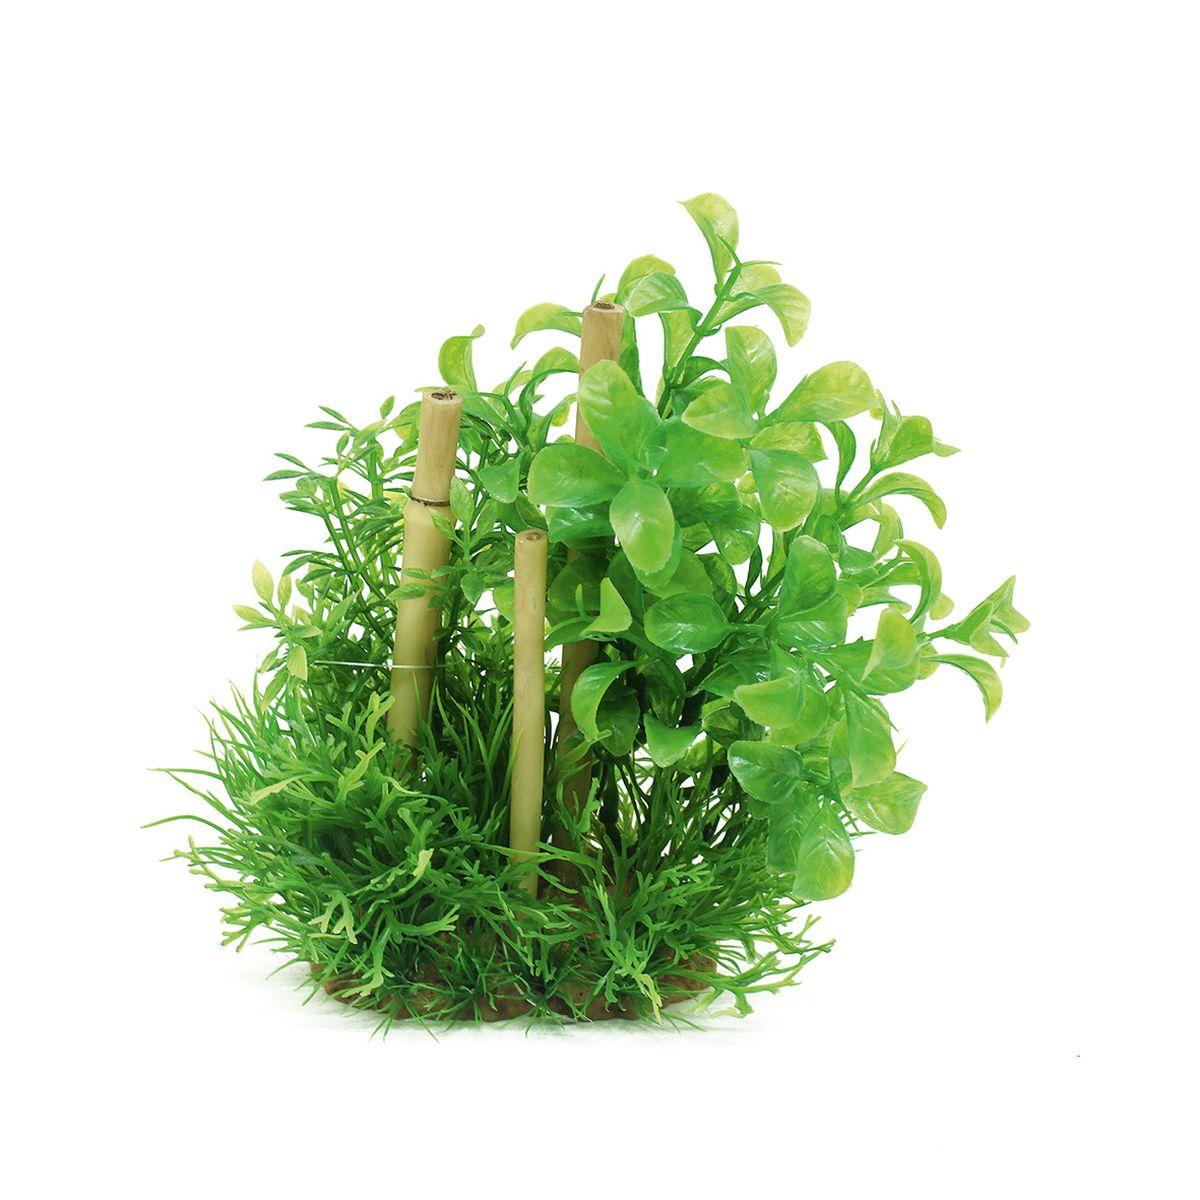 Композиция из растений для аквариума ArtUniq Людвигия зеленая с бамбуком, высота 20 см скребок для аквариума хаген складной